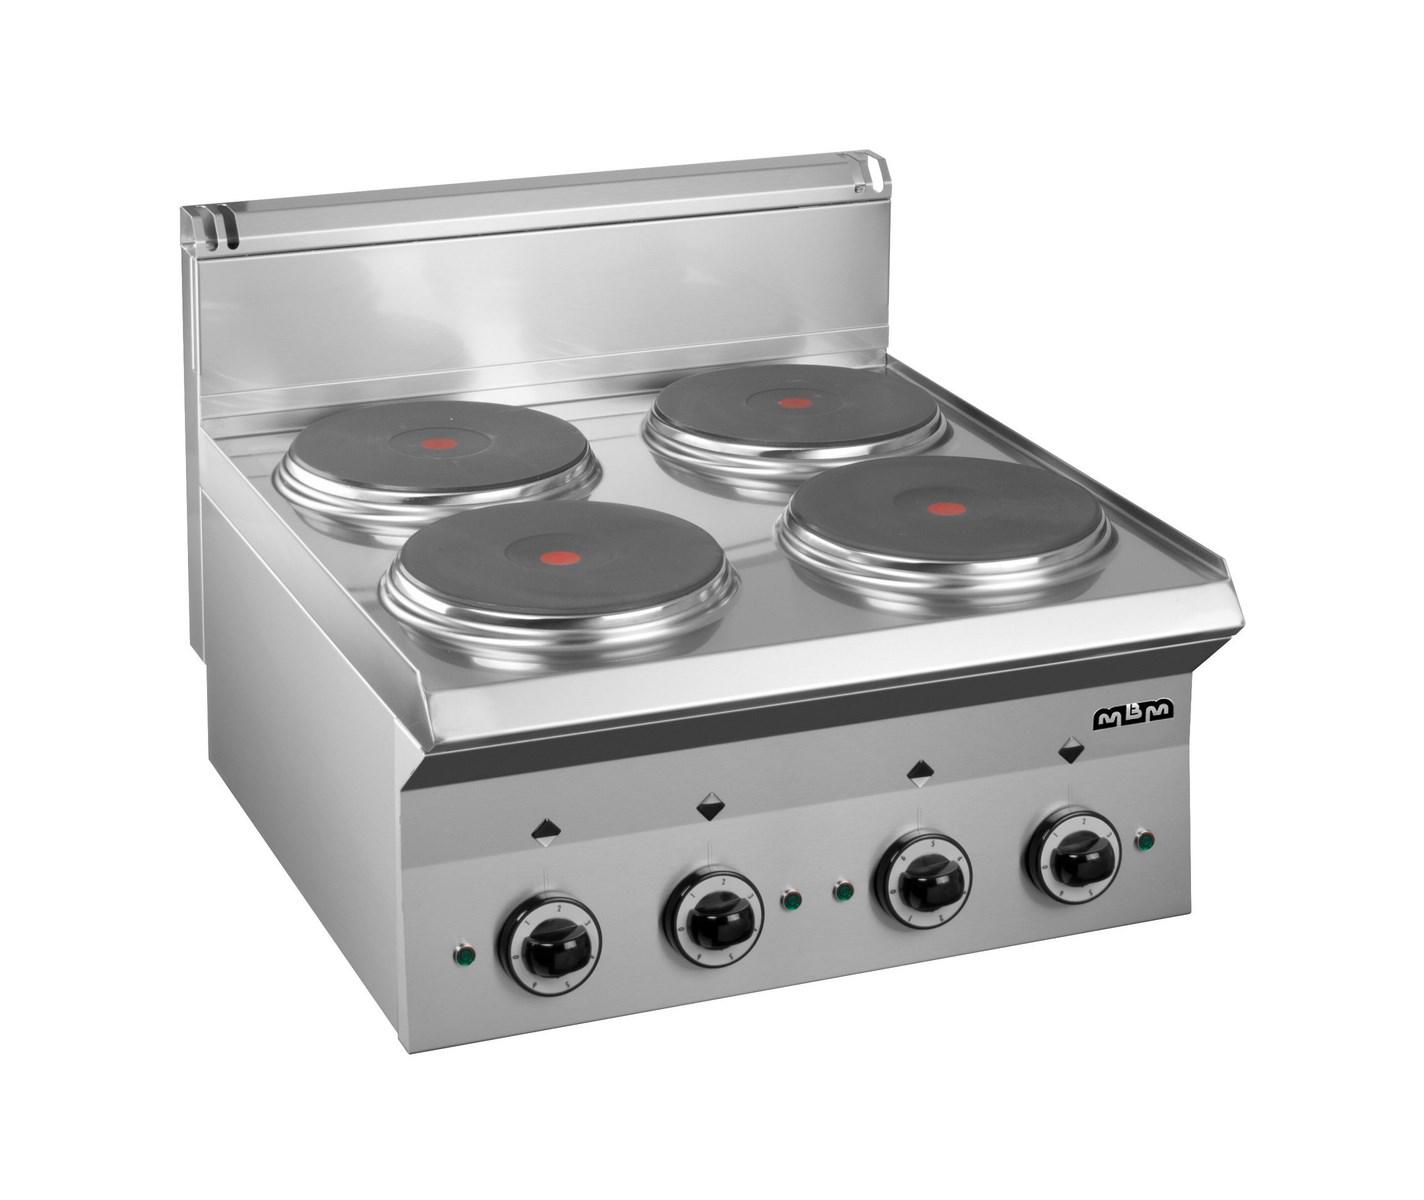 info pour 9386c 8c61d Fourneaux electriques cuisiniere a poser electrique – 4 plaques rondes